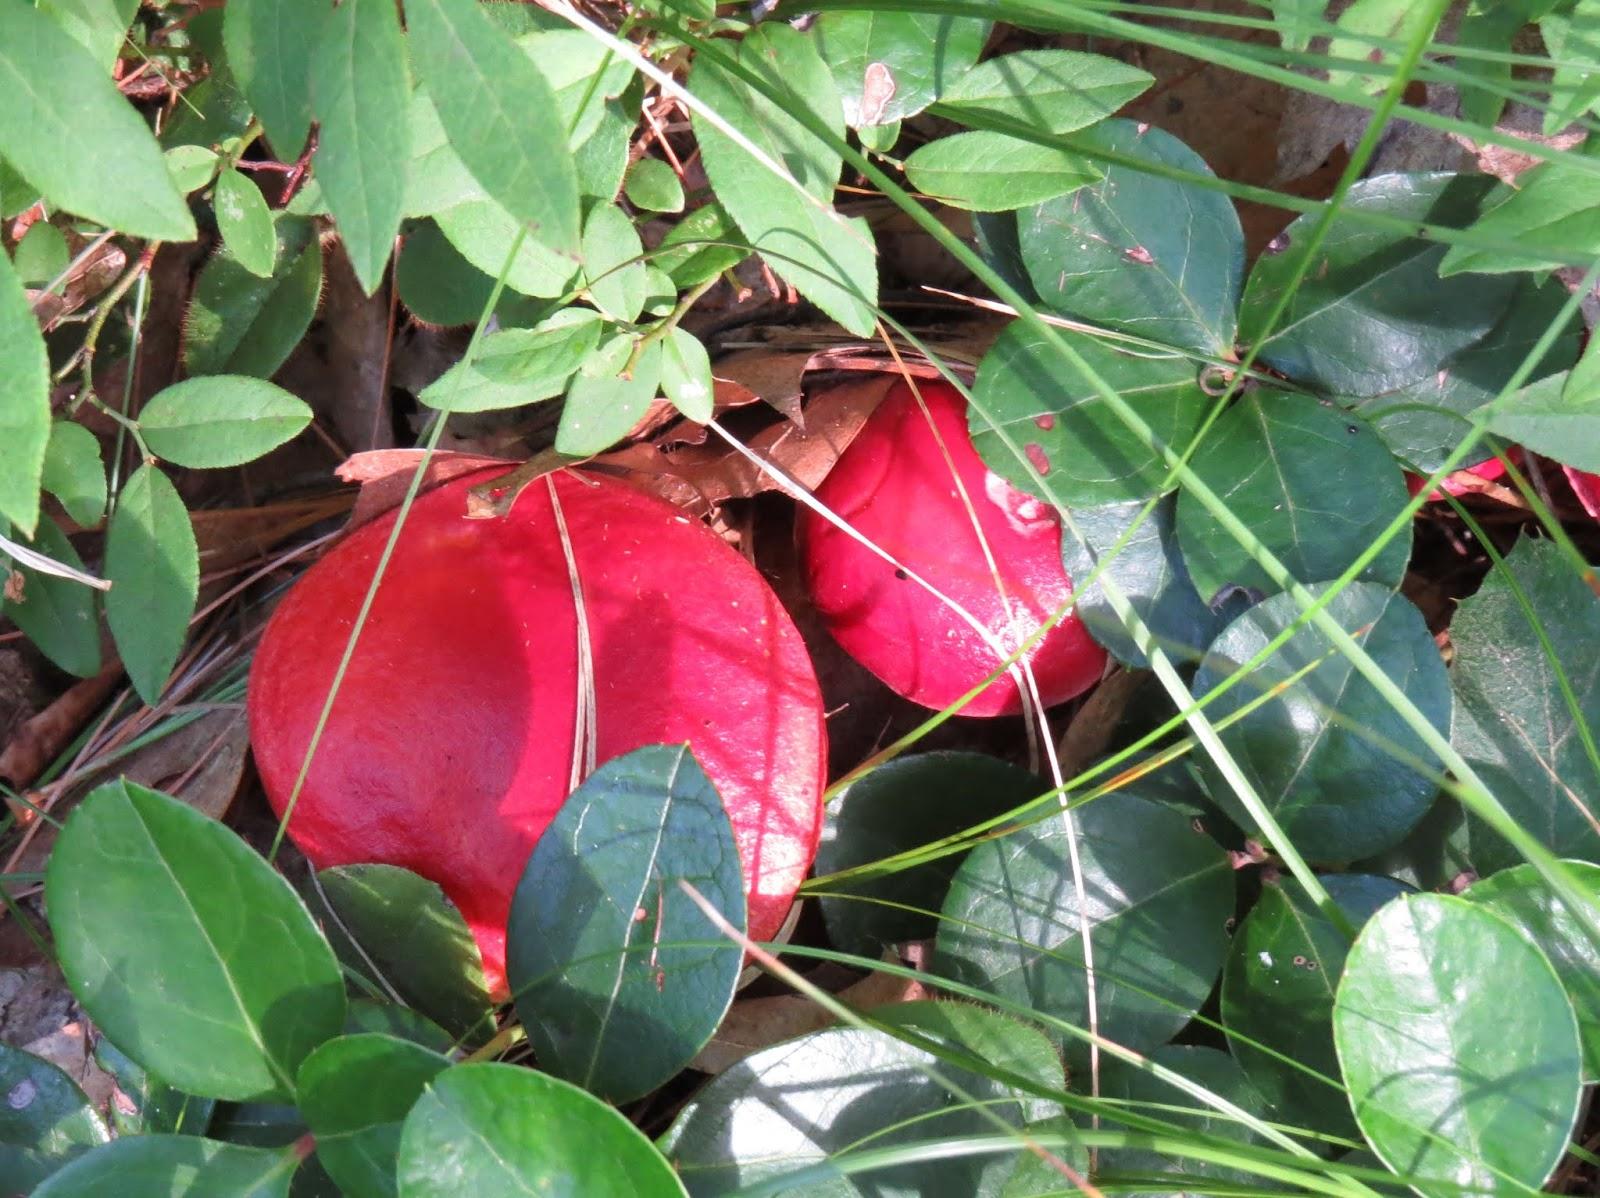 red russula mushroom